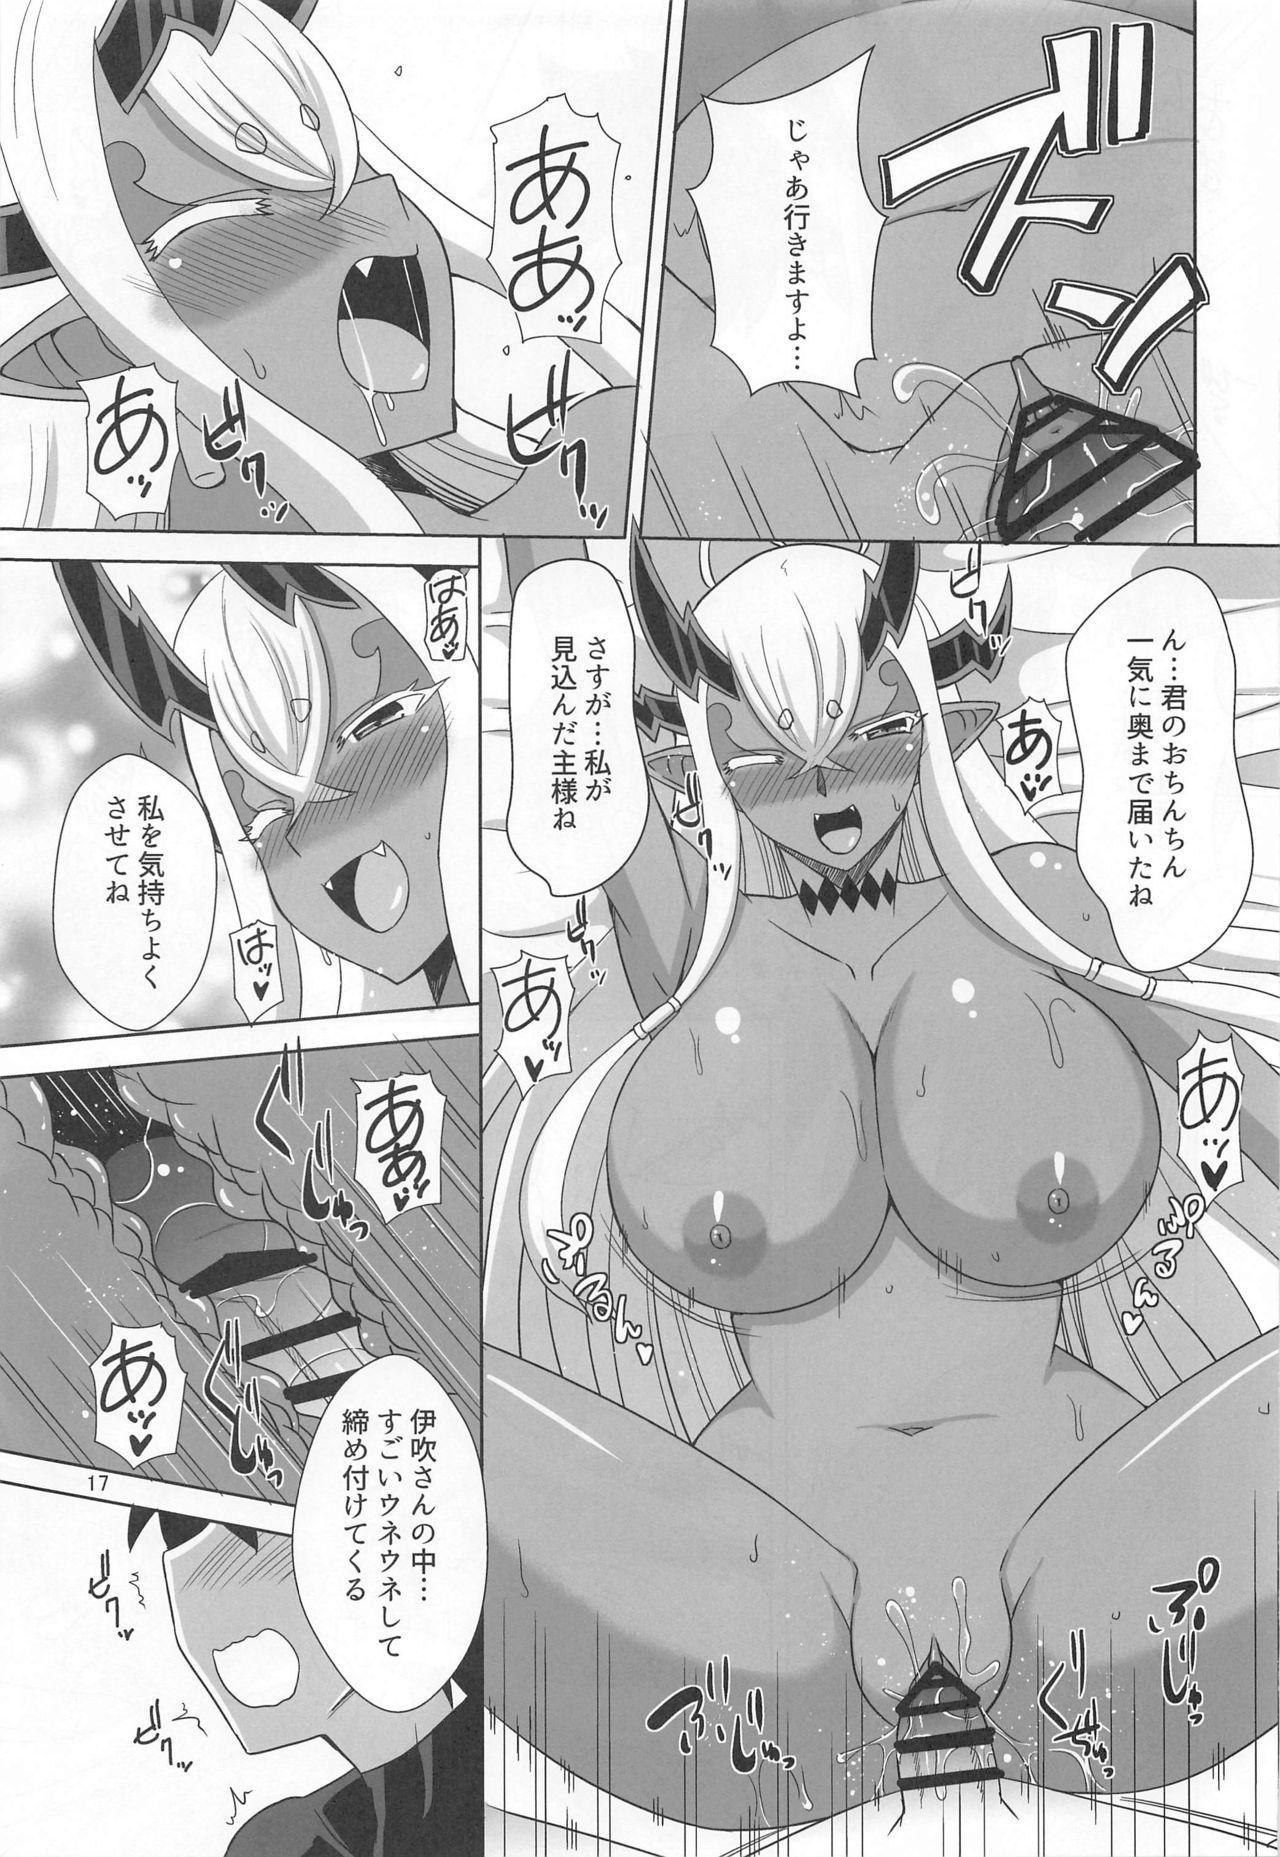 Hebigami-sama wa Ecchi ga Shitai 15